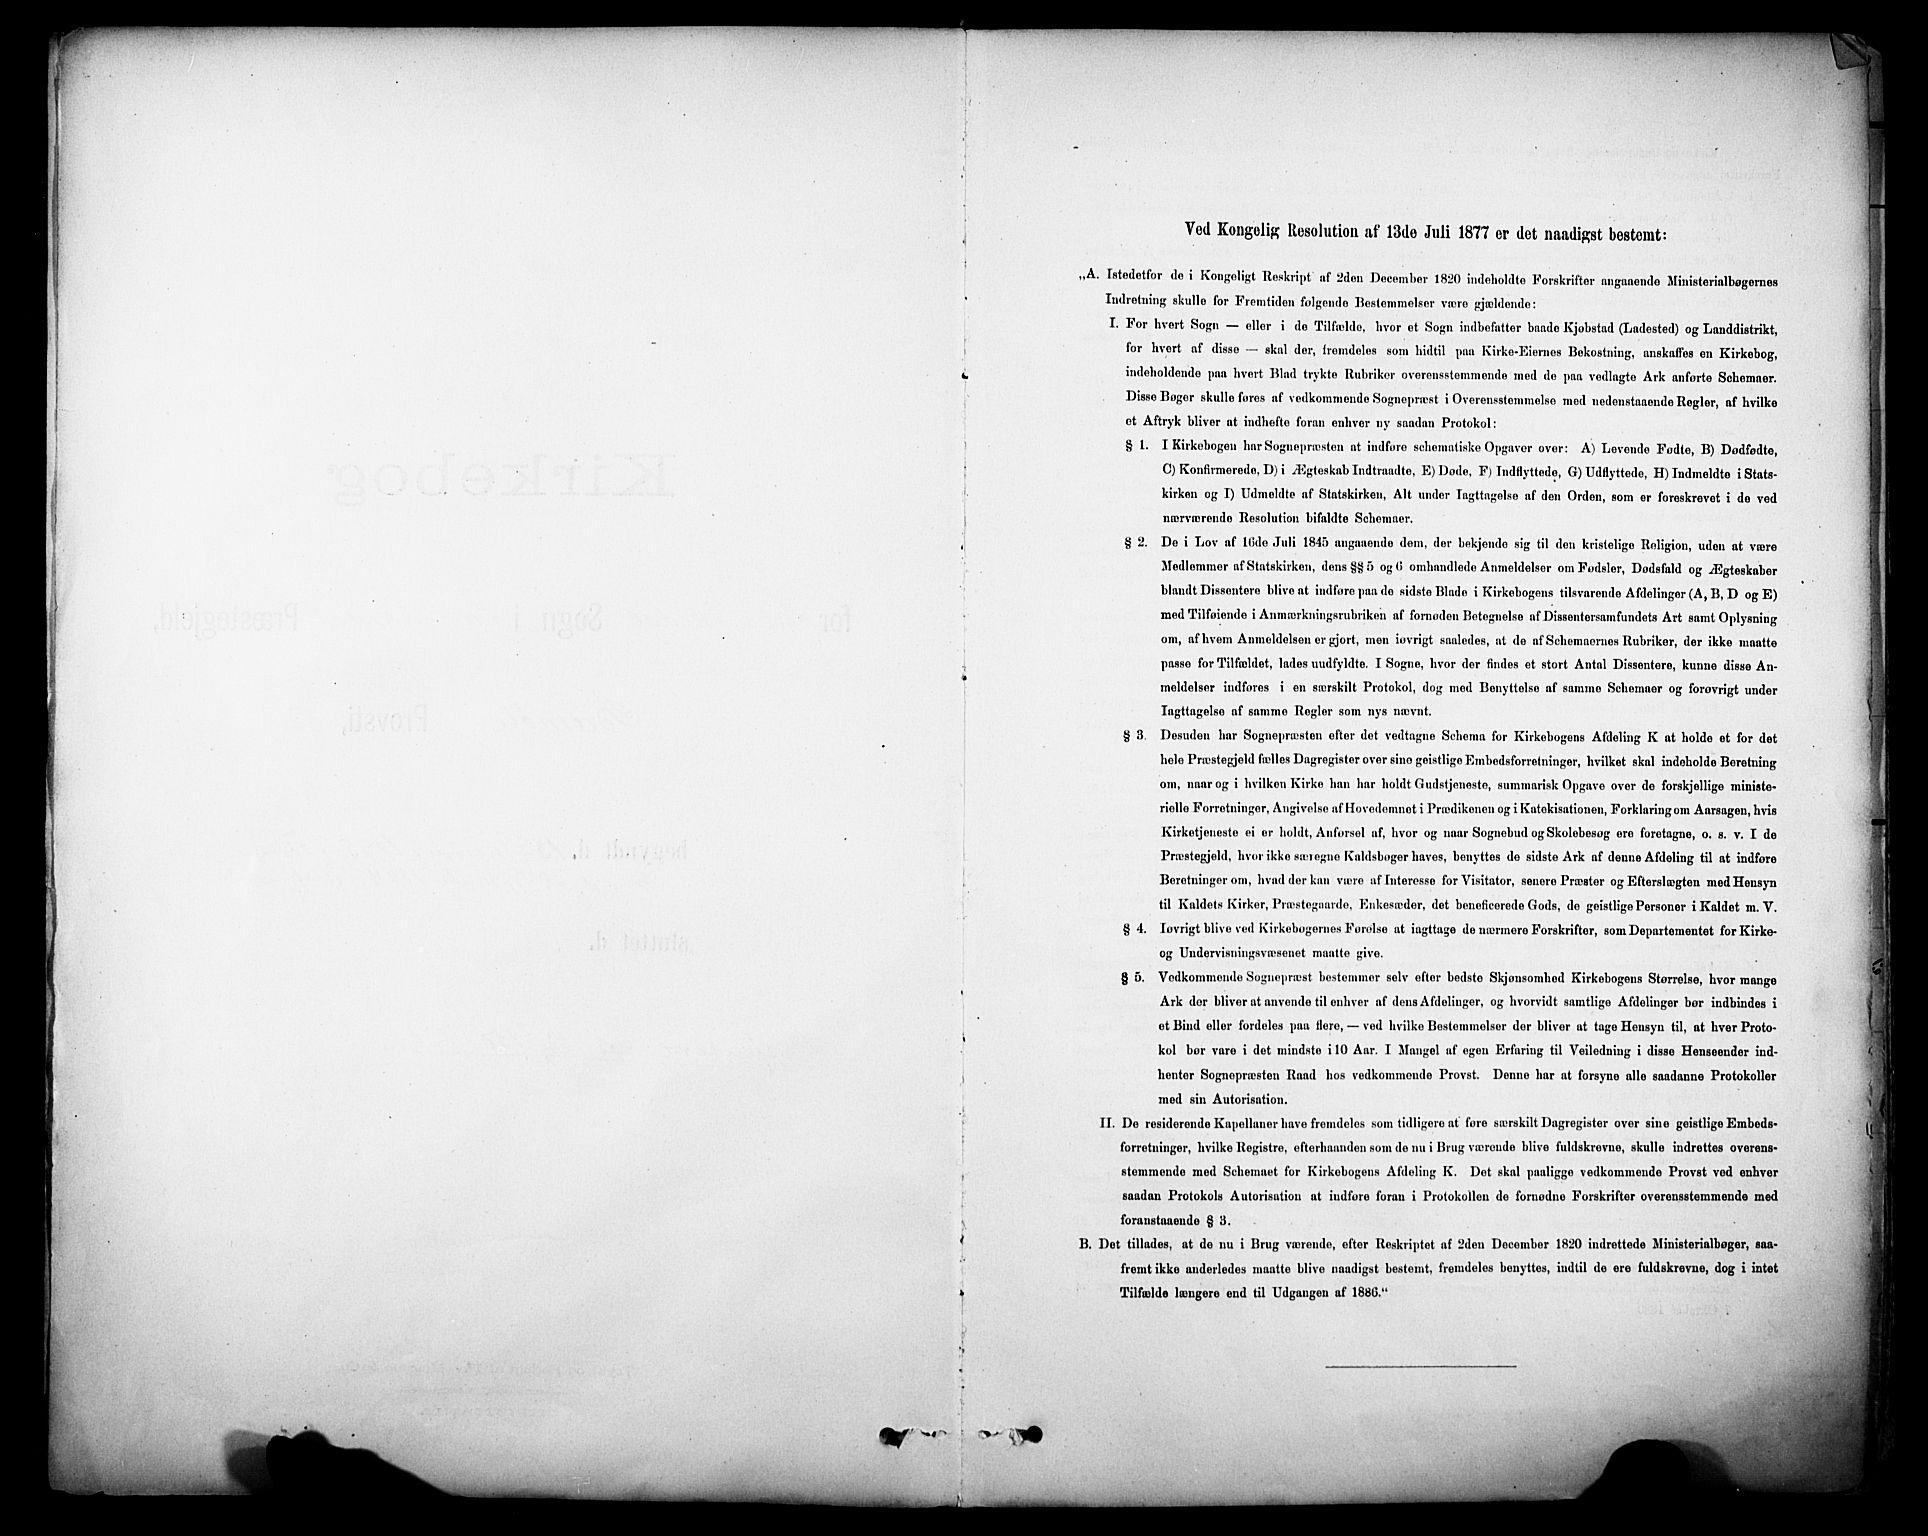 SAKO, Sannidal kirkebøker, F/Fa/L0016: Ministerialbok nr. 16, 1895-1911, s. 2